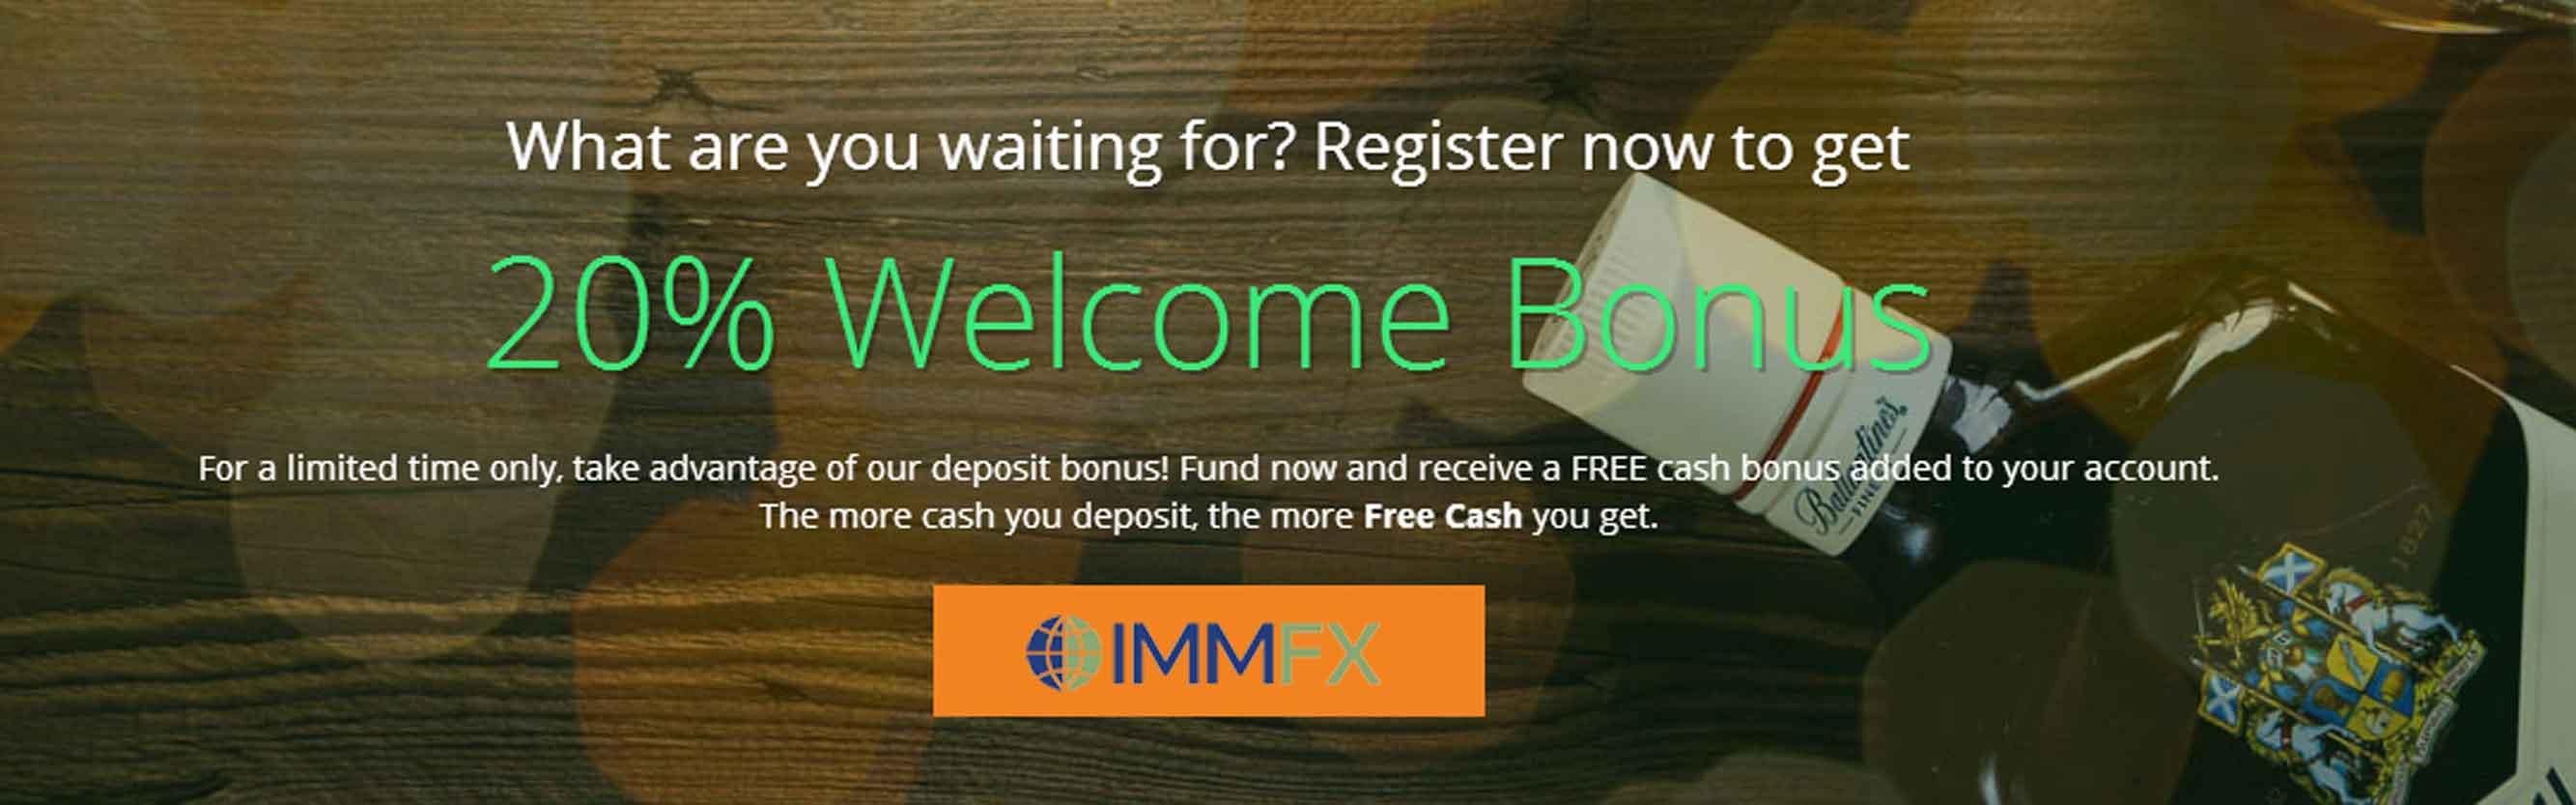 immfx deposit bonus